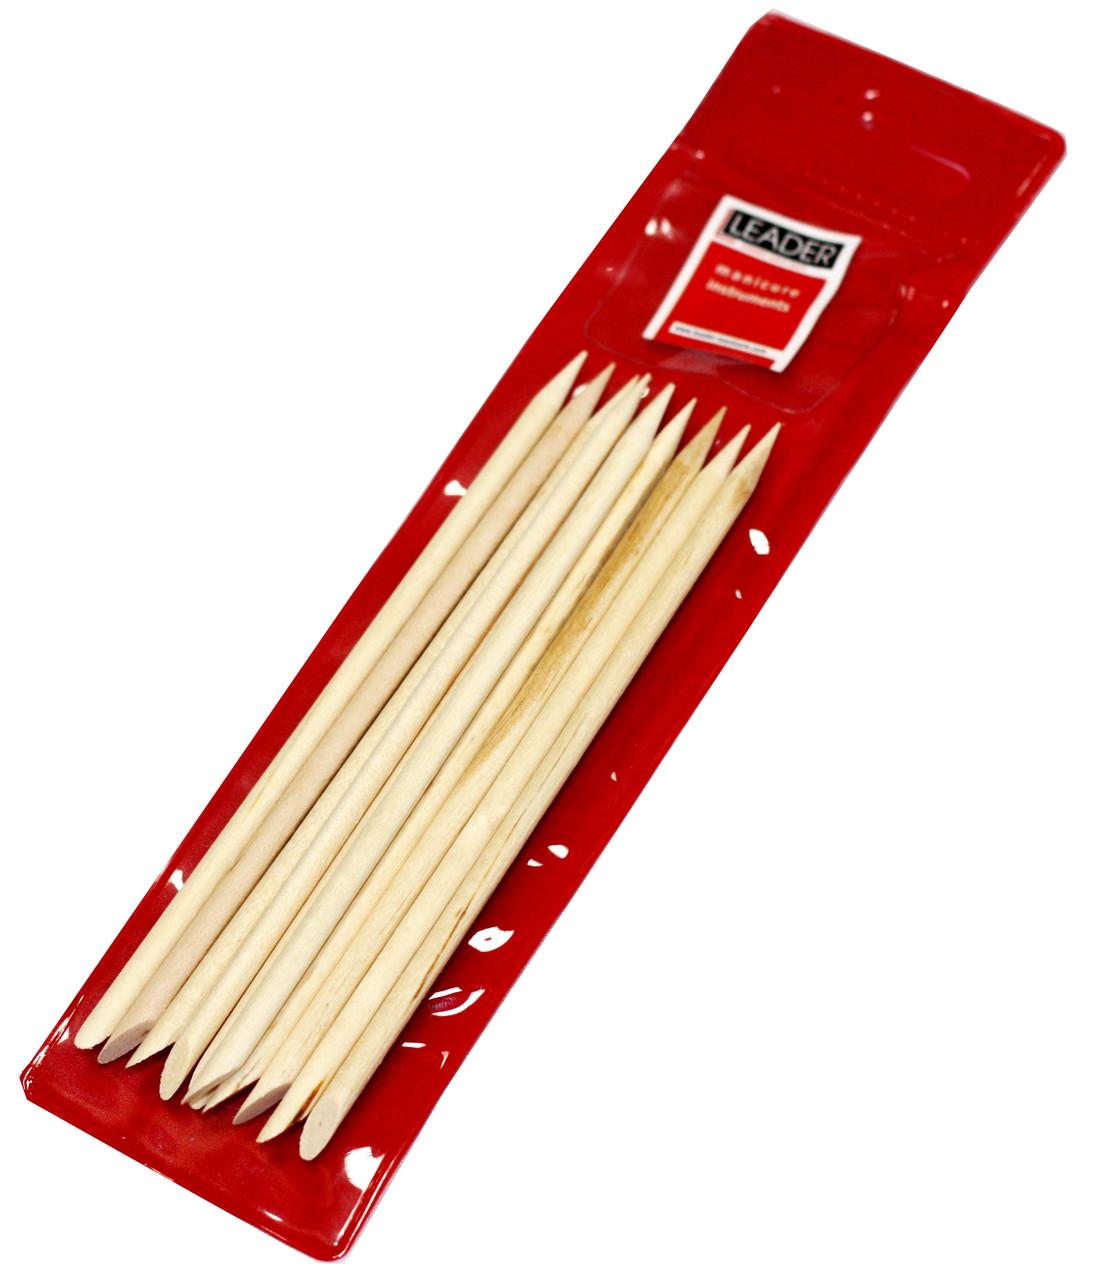 Деревянные палочки для маникюра как пользоваться